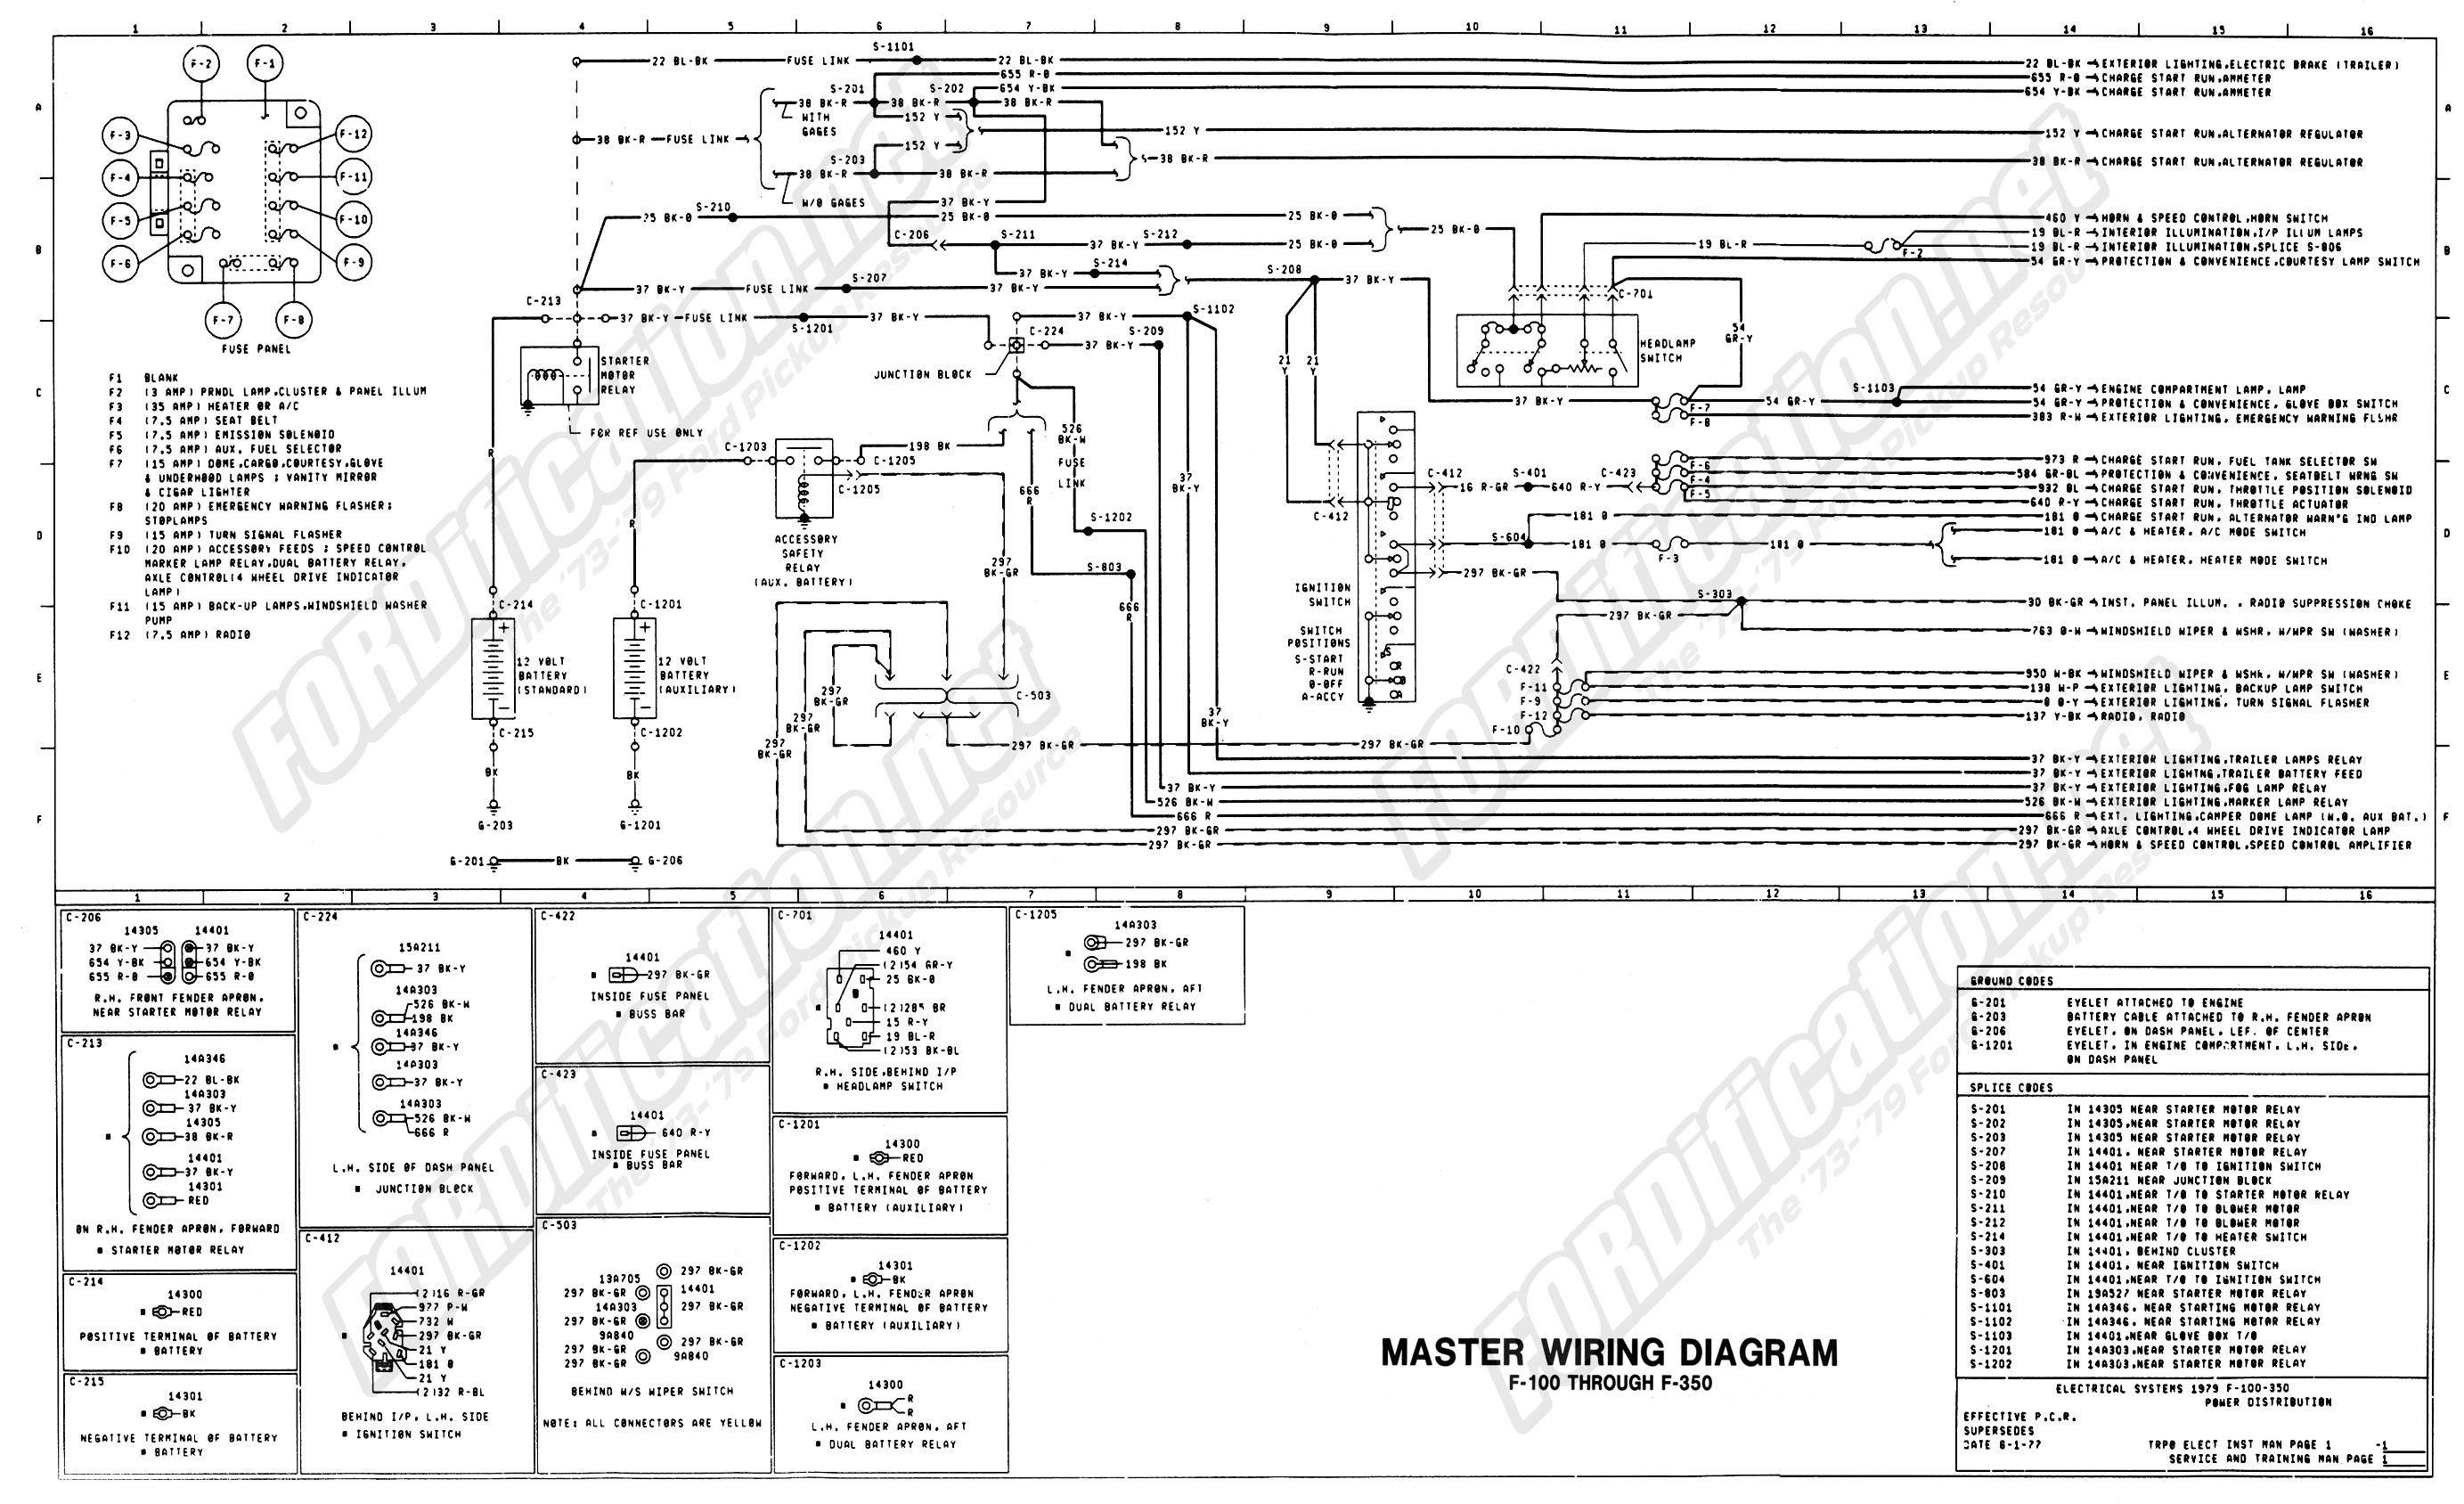 1976 Chevy Truck Wiring Diagram in 2021 | Sterling trucks, Diagram, WirePinterest